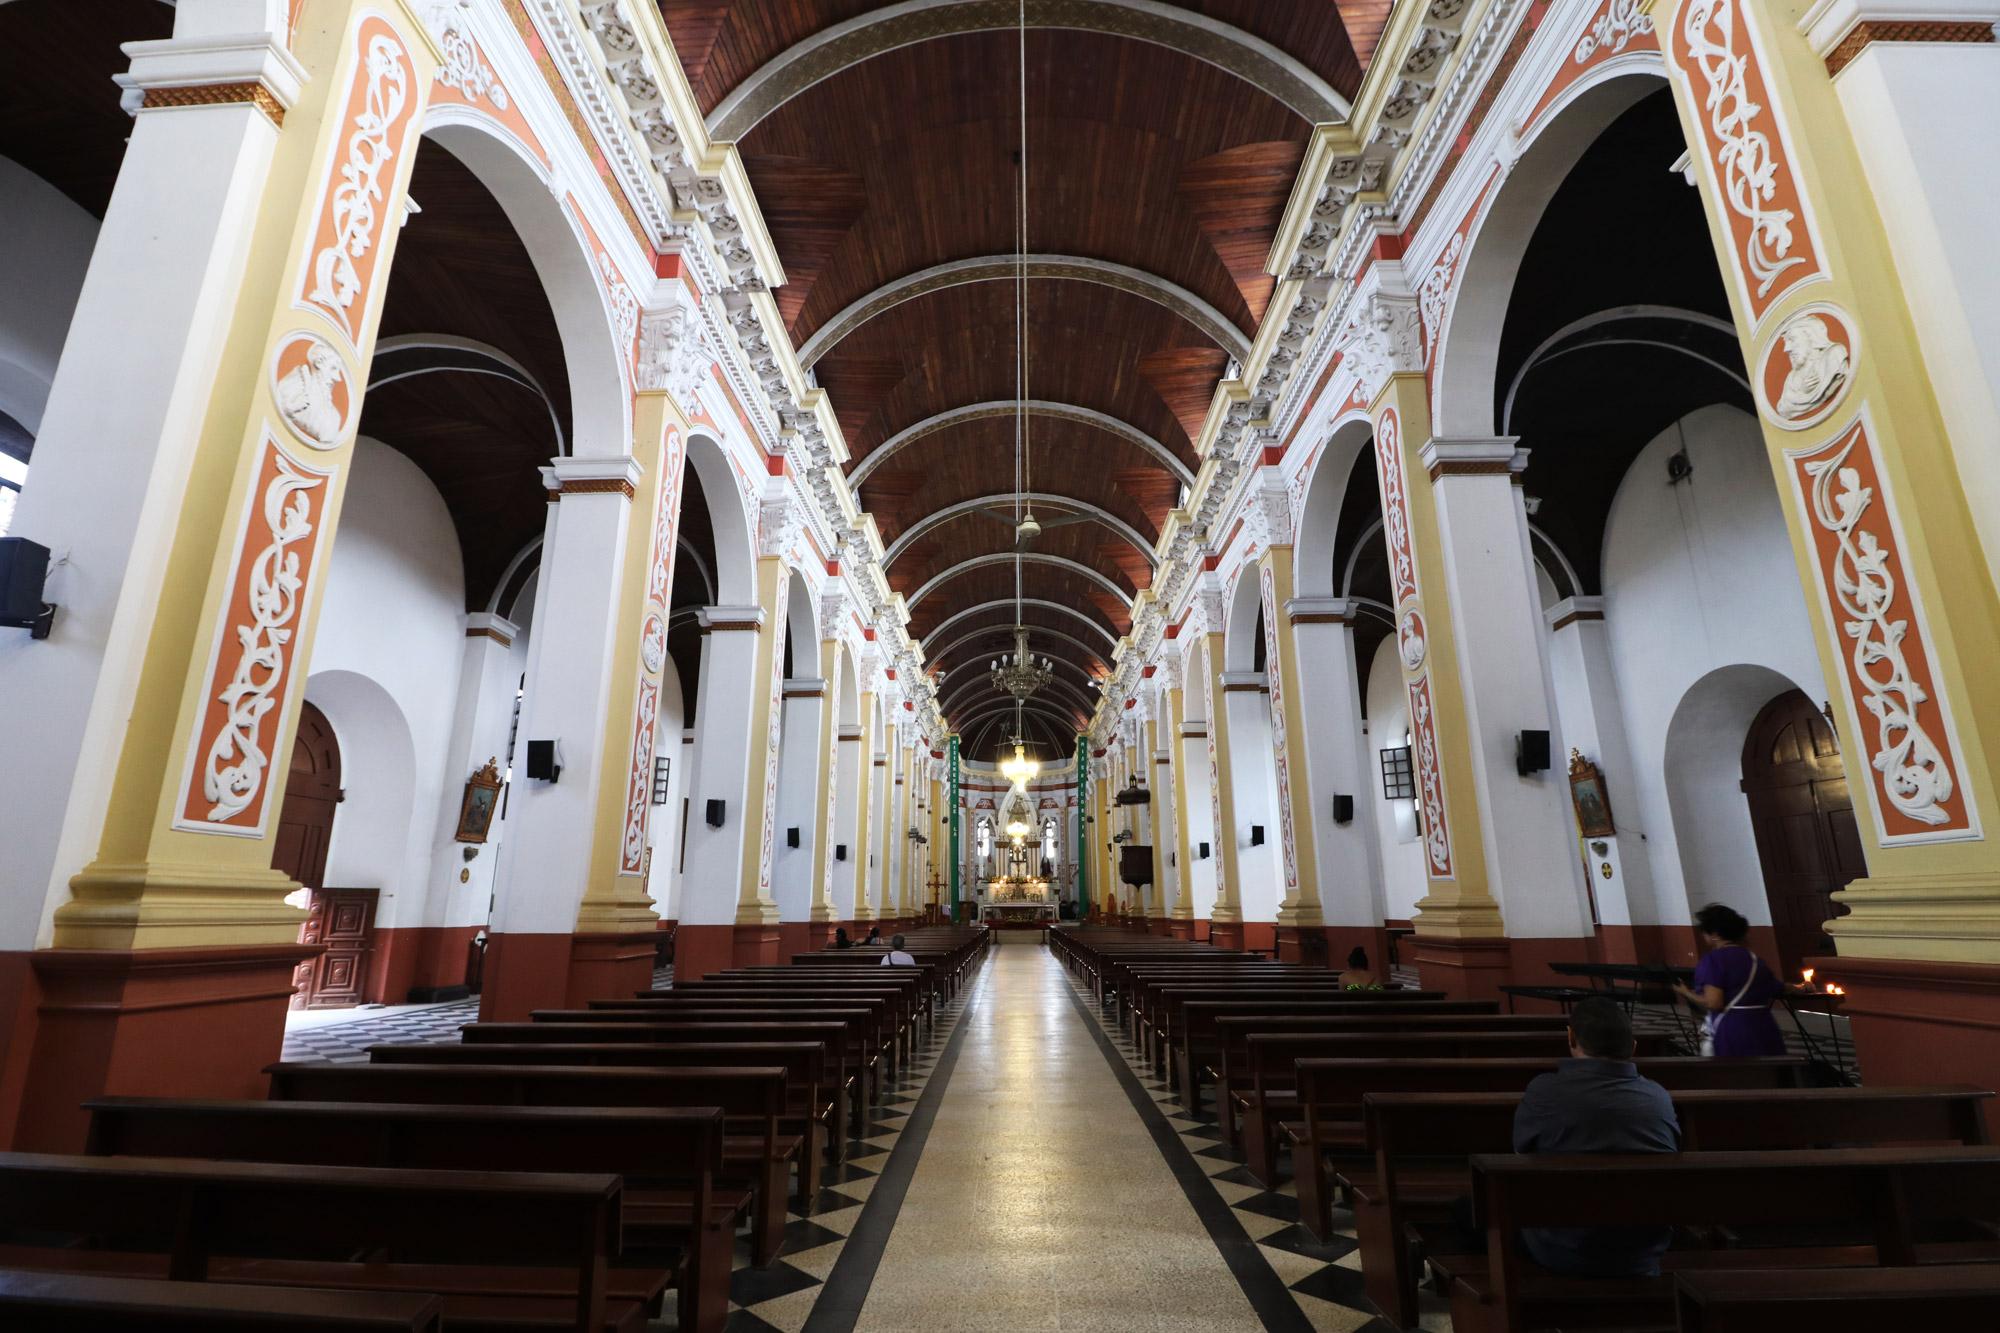 Bolivia 2016 - Dag 3 - Catedral de Santa Cruz